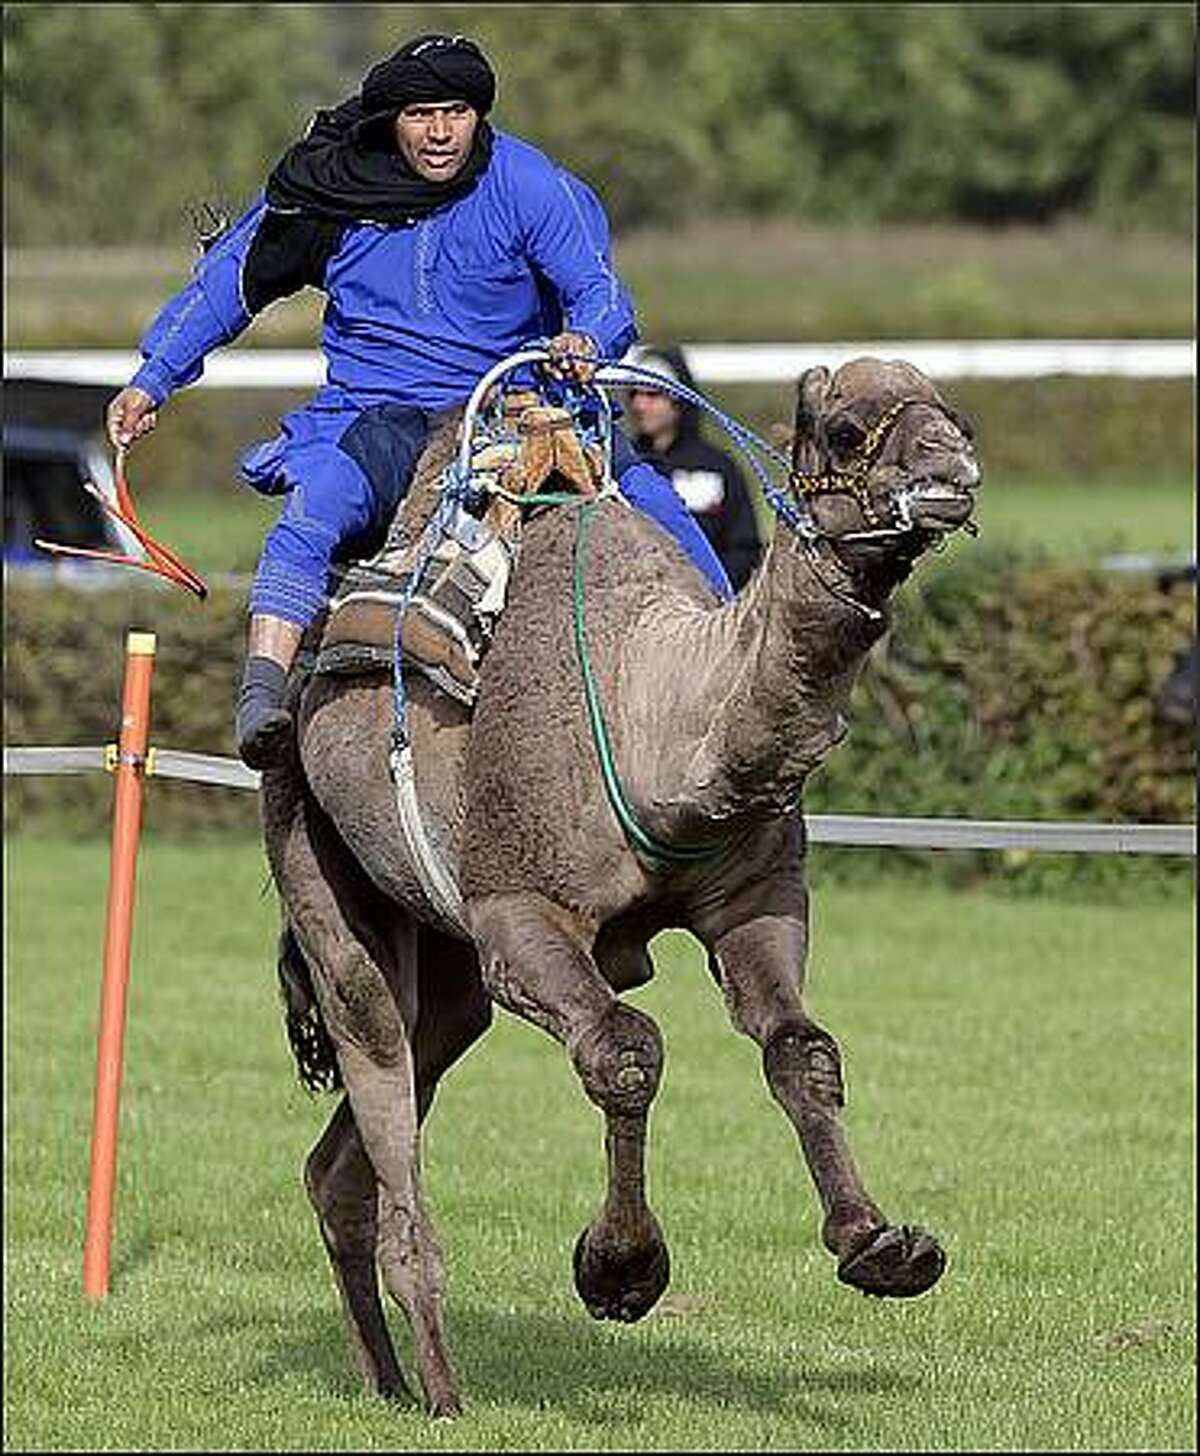 Tunisian Mohamed Ben Boubaker Ben Salem rides on